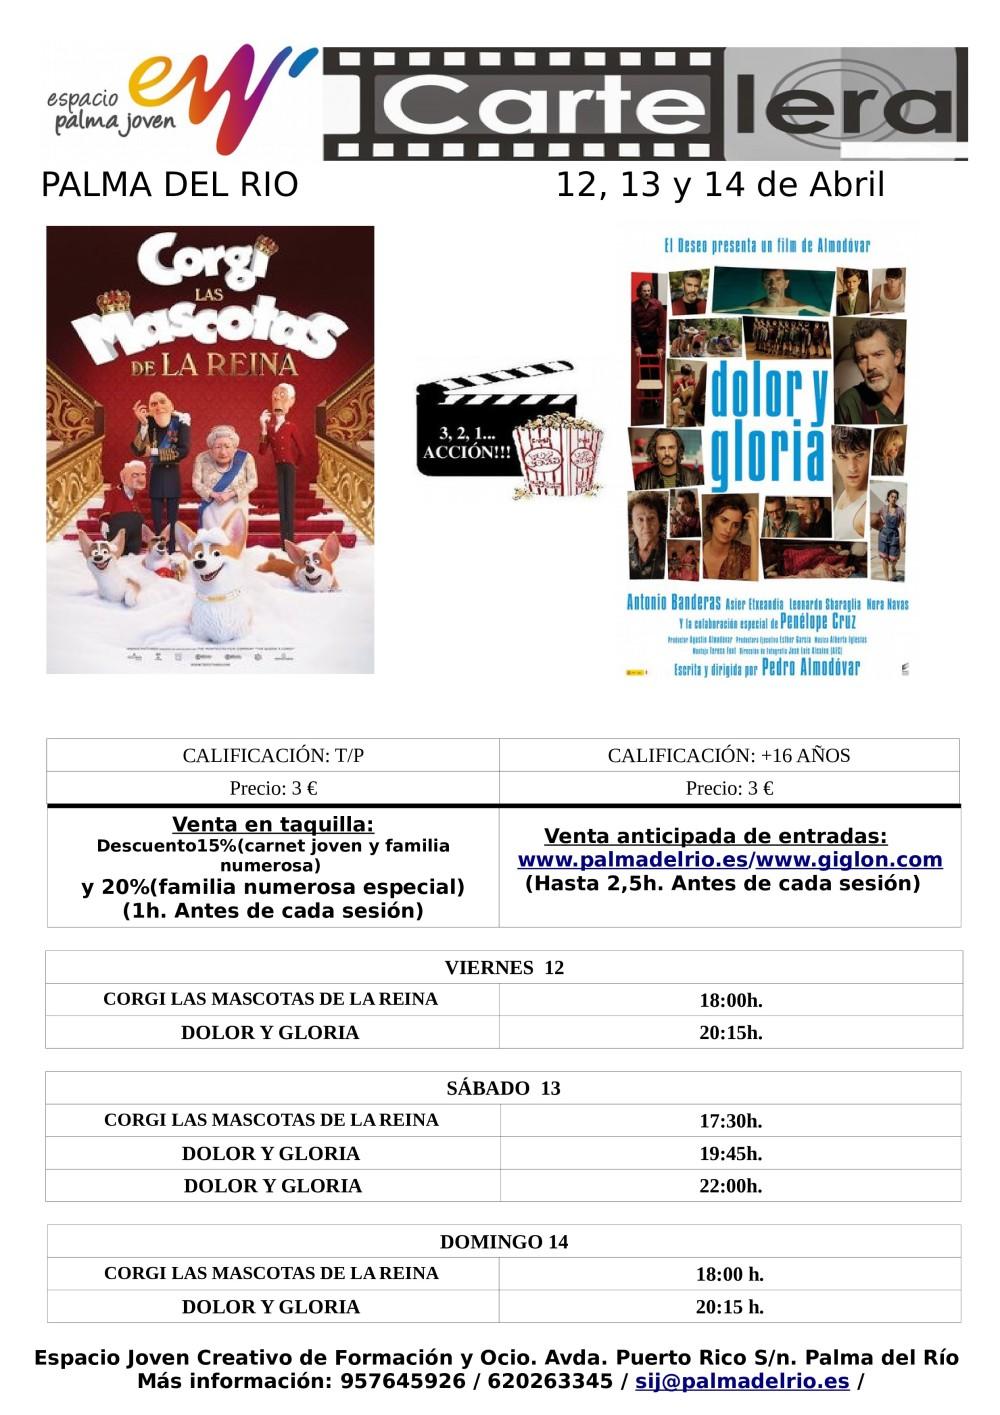 https://www.palmadelrio.es/sites/default/files/cine_12.13.14_abril_2019.jpg